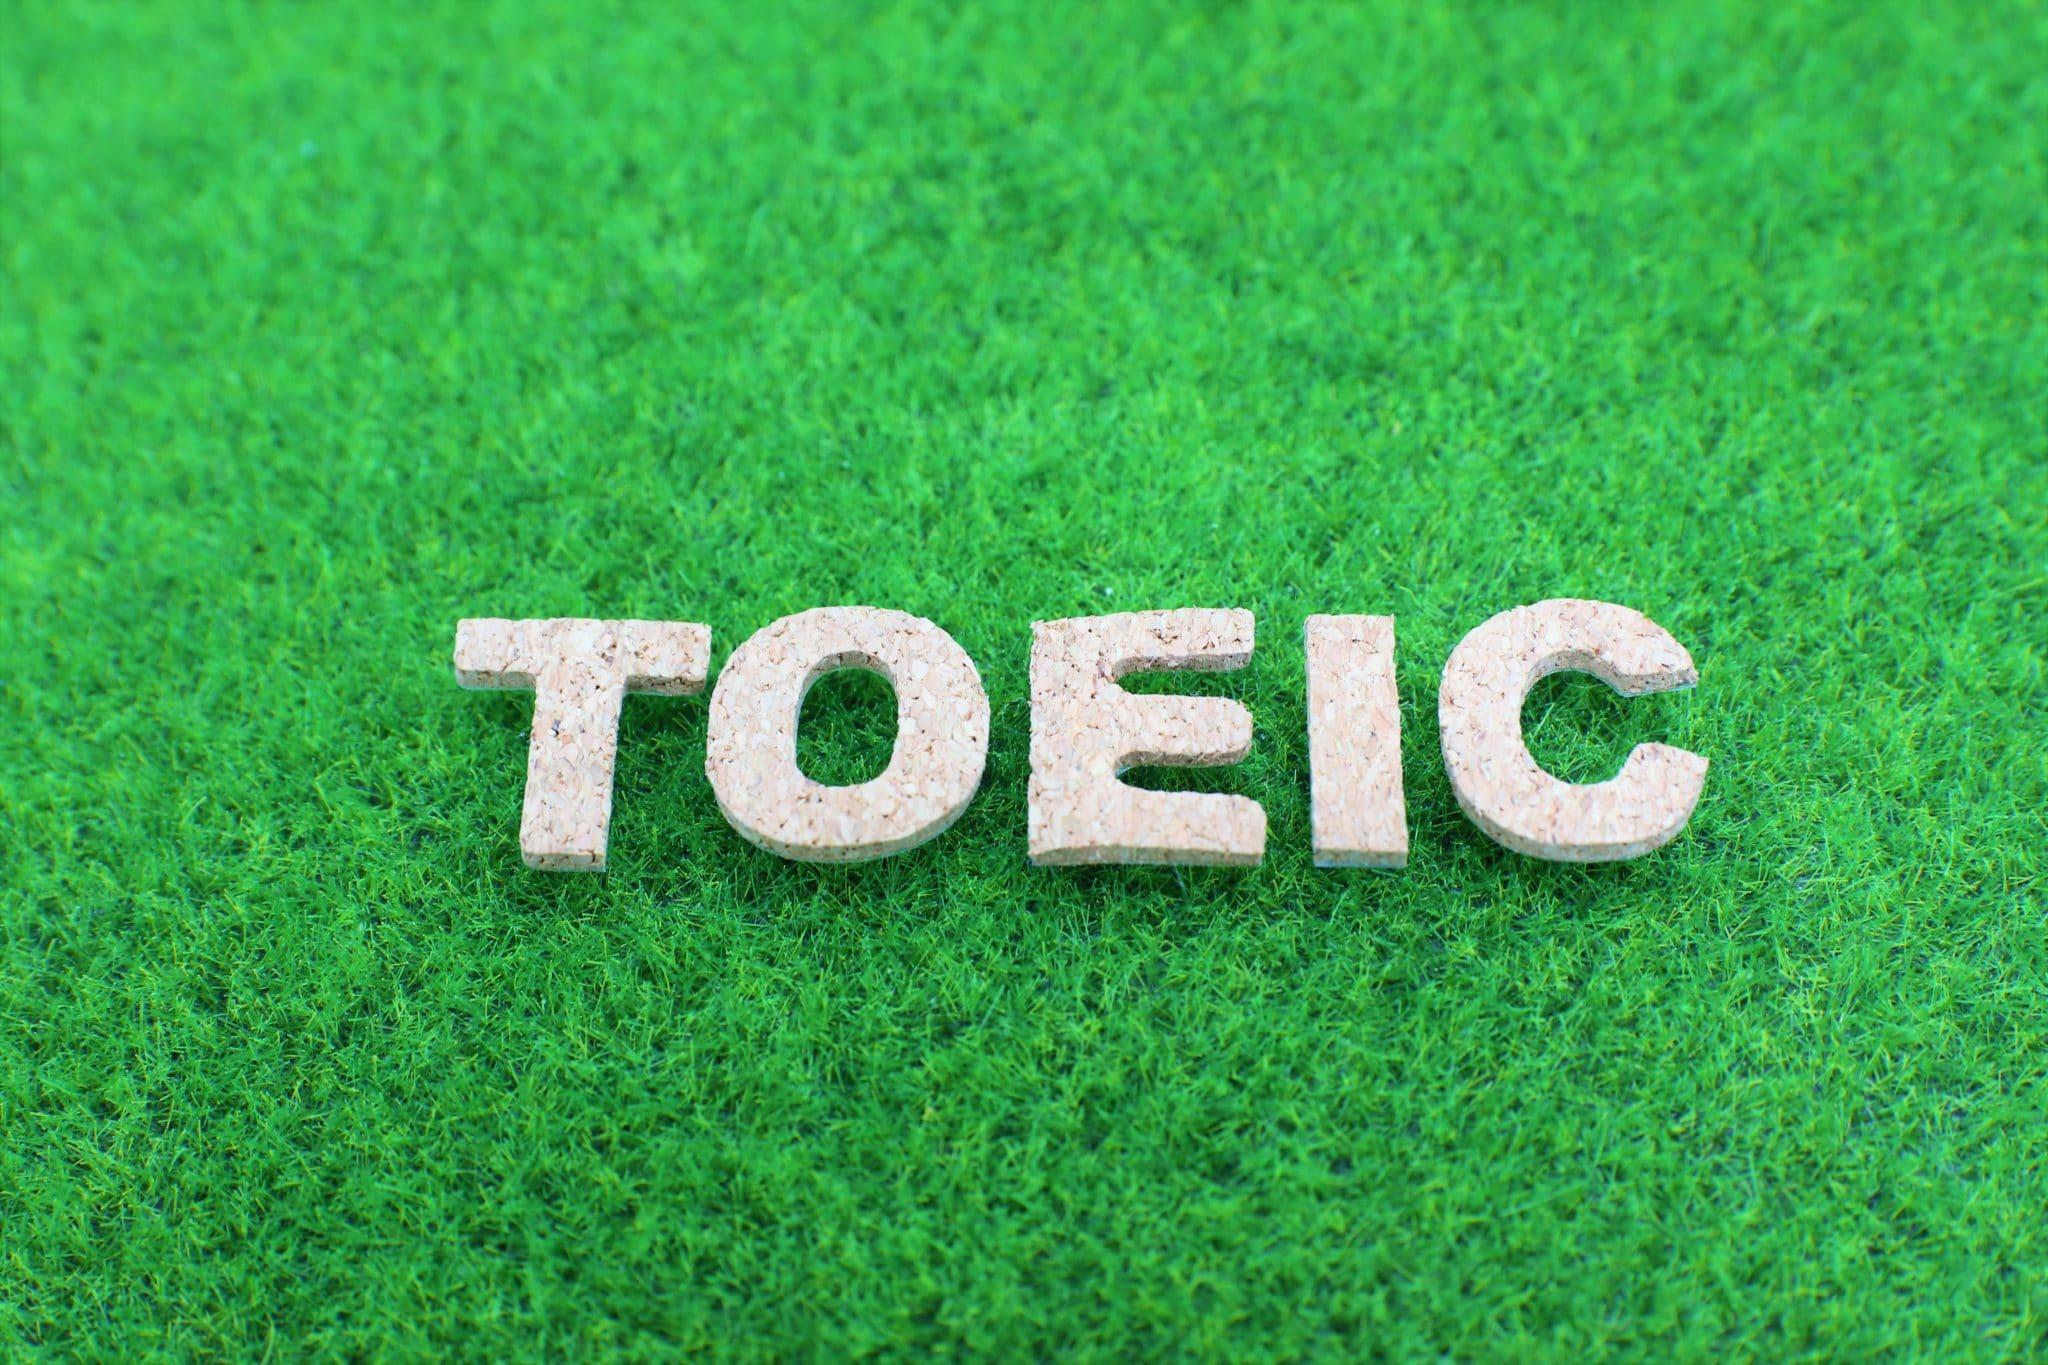 おすすめ toeic 対策 TOEIC参考書・問題集おすすめ10選2021 ~990点講師が厳選